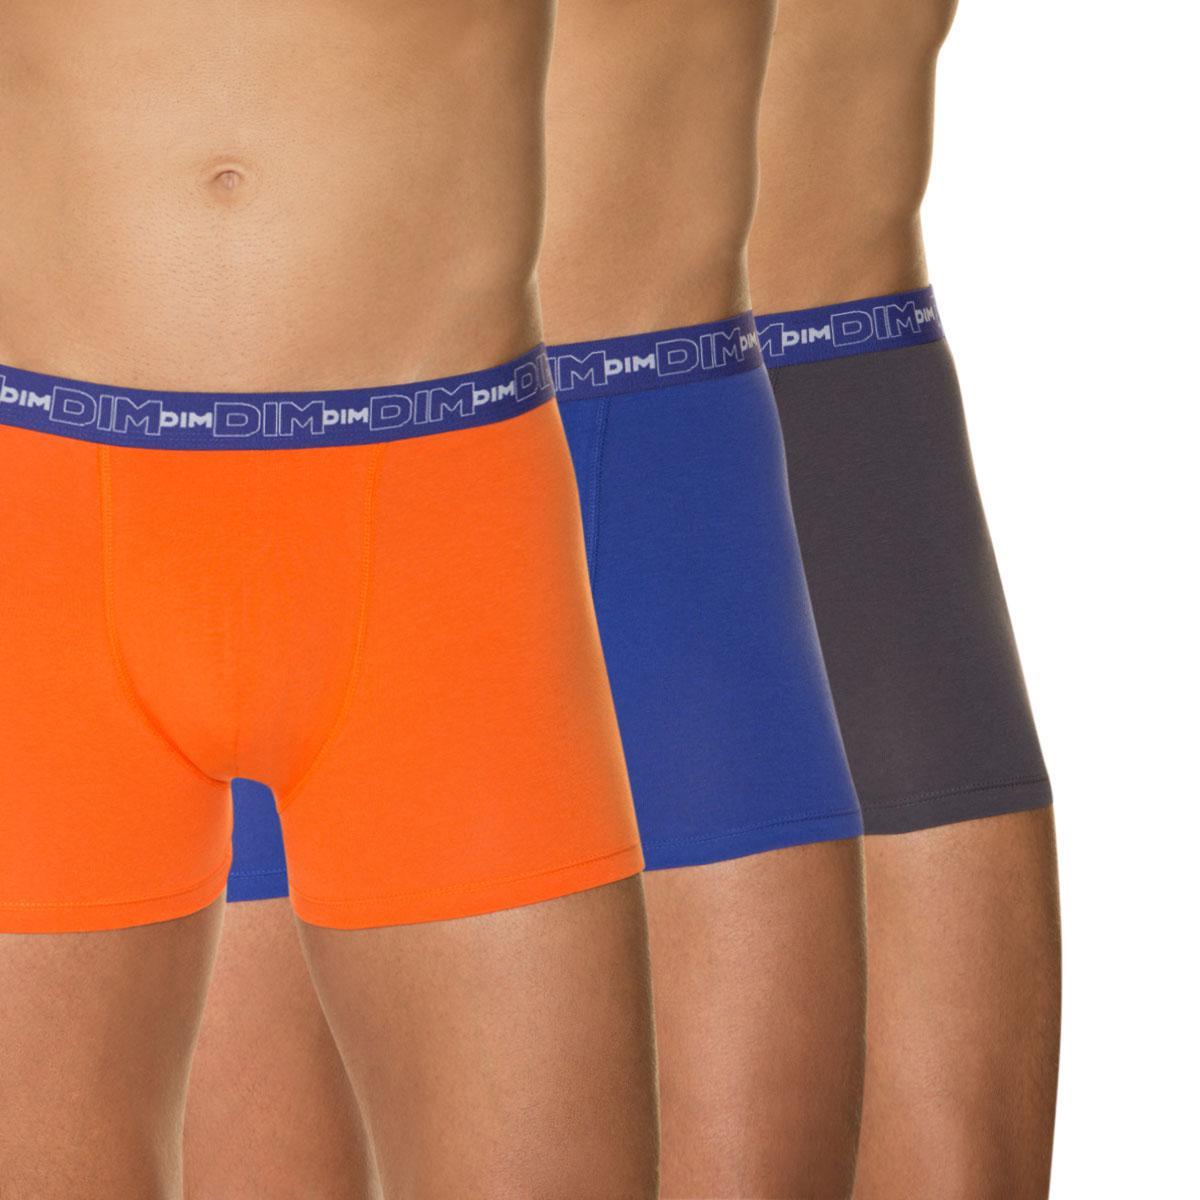 Lot de 3 boxers DIM couleurs mandarine, gris plomb et bleu roi